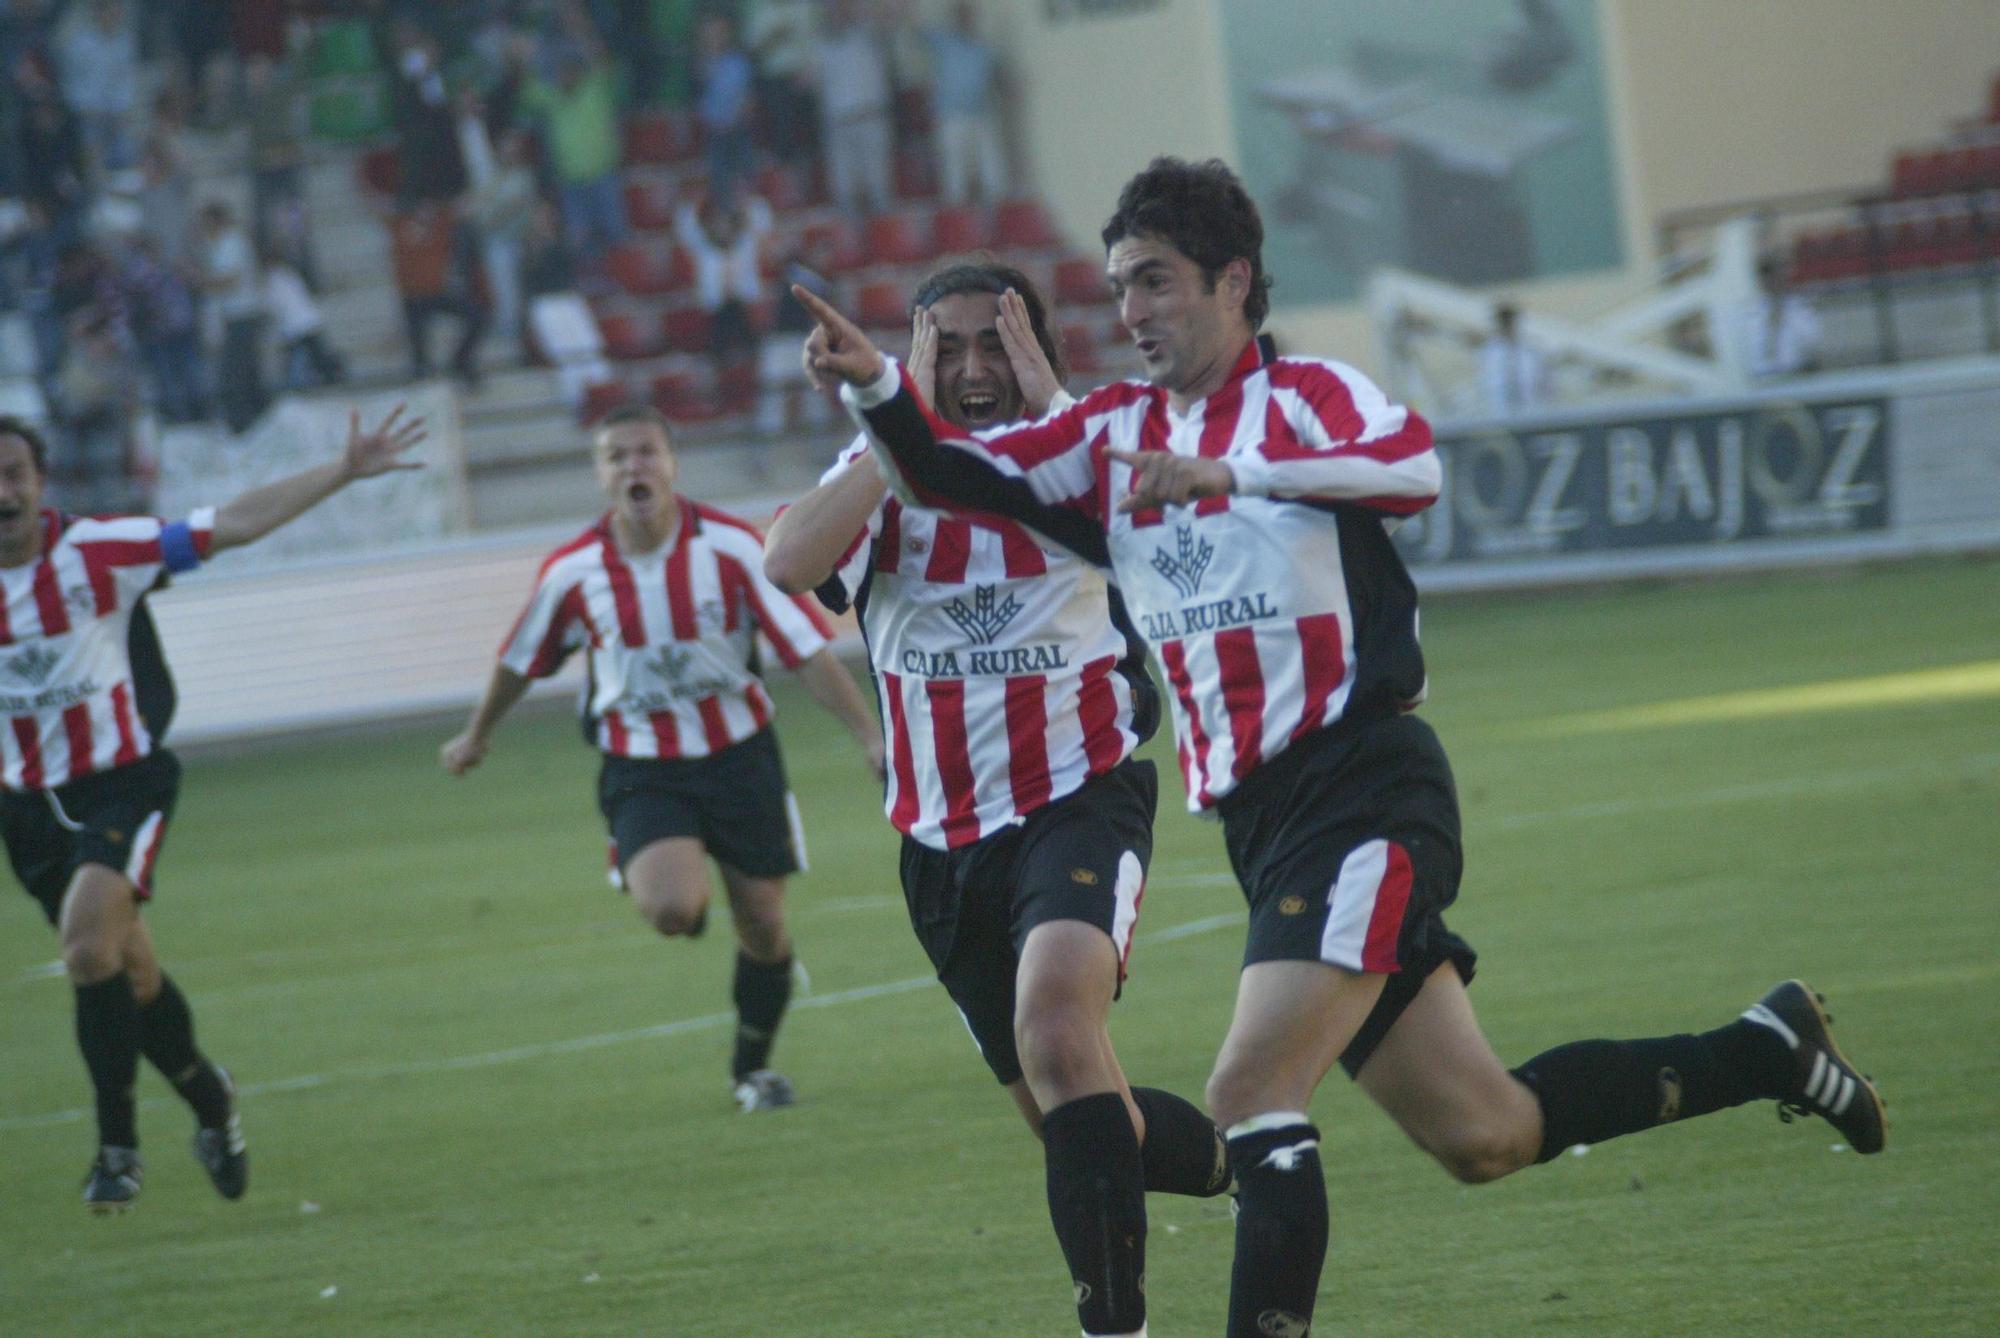 3. Balta celebra el gol de Aiert en el Ramón Sánchez Pizjuán. El Zamora empató a uno con el Sevilla B y se clasificó para la final por el ascenso en la temporada 2004-2005.